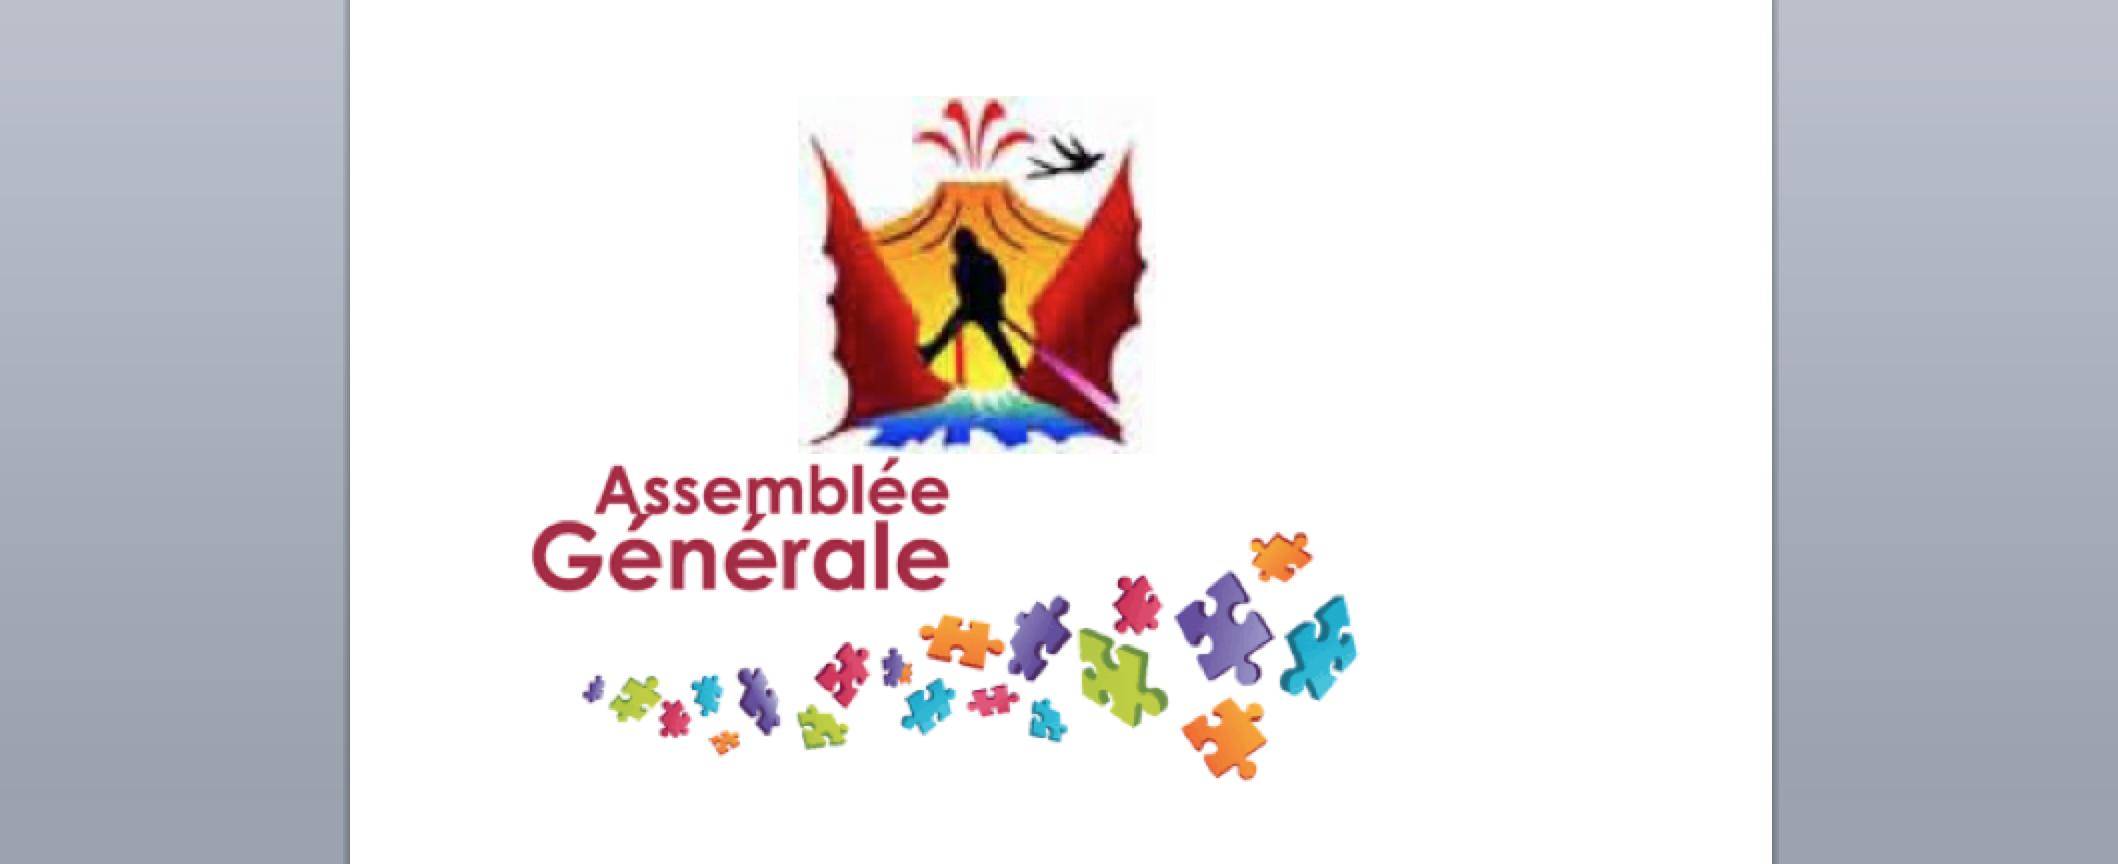 ASSEMBLEE GENERALE DE LA LIGUE  23 FEVRIER 2018